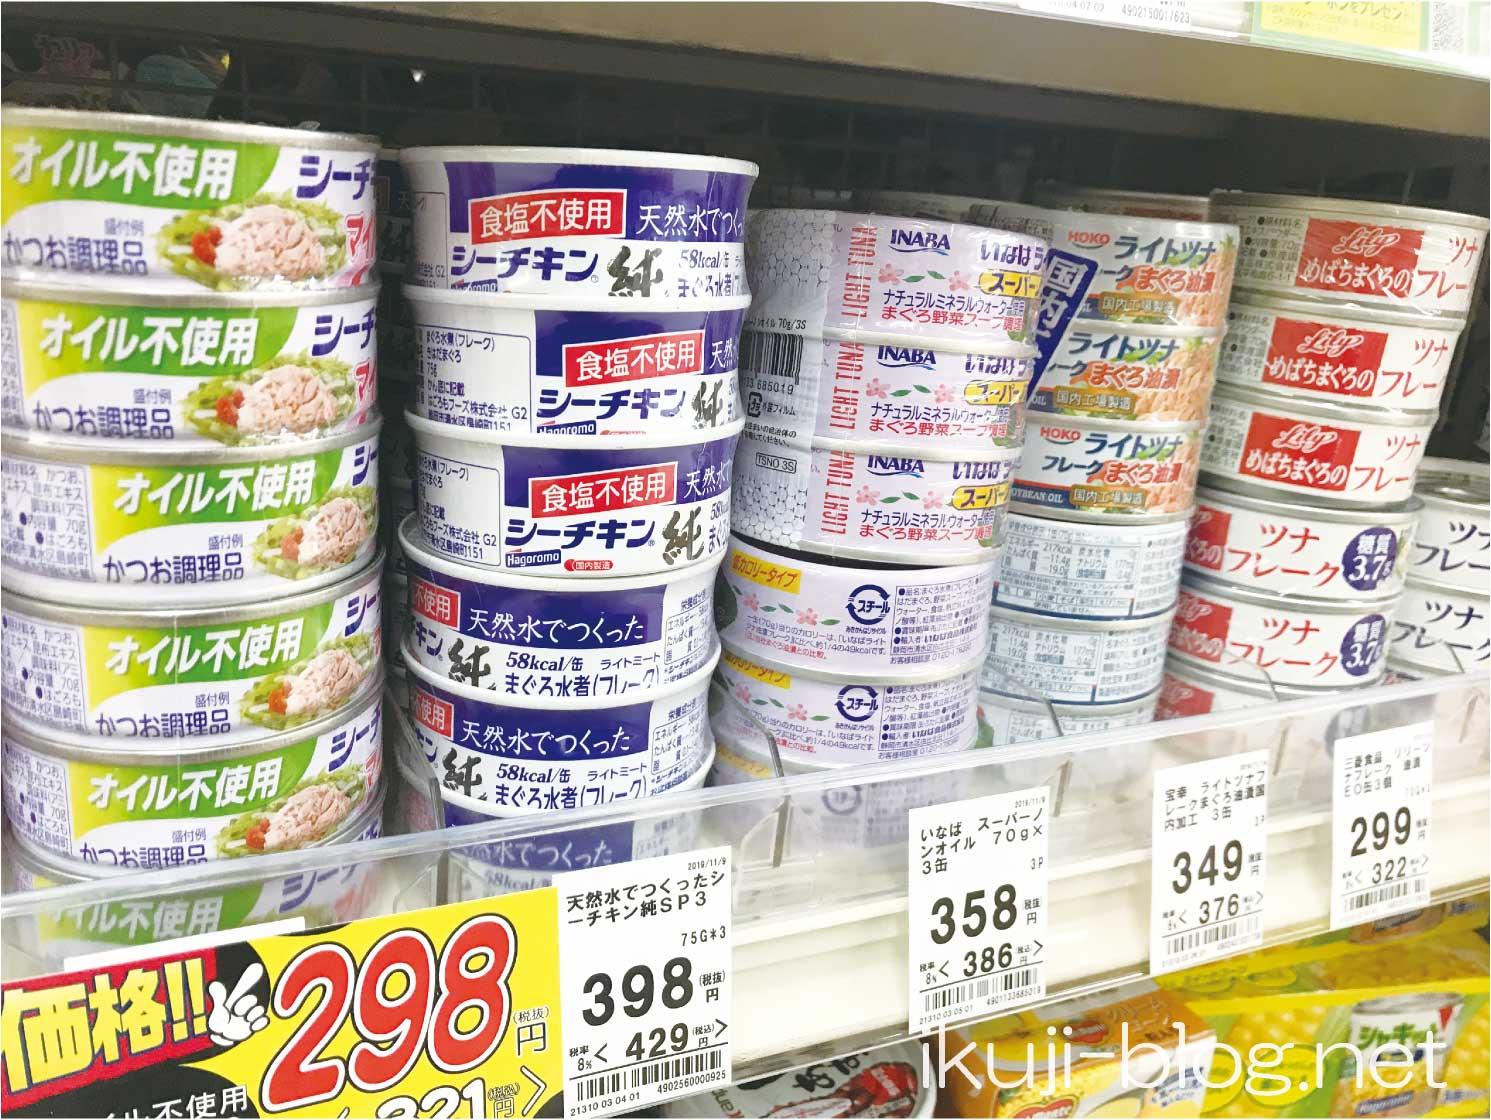 スーパーの売り場に並ぶツナ缶